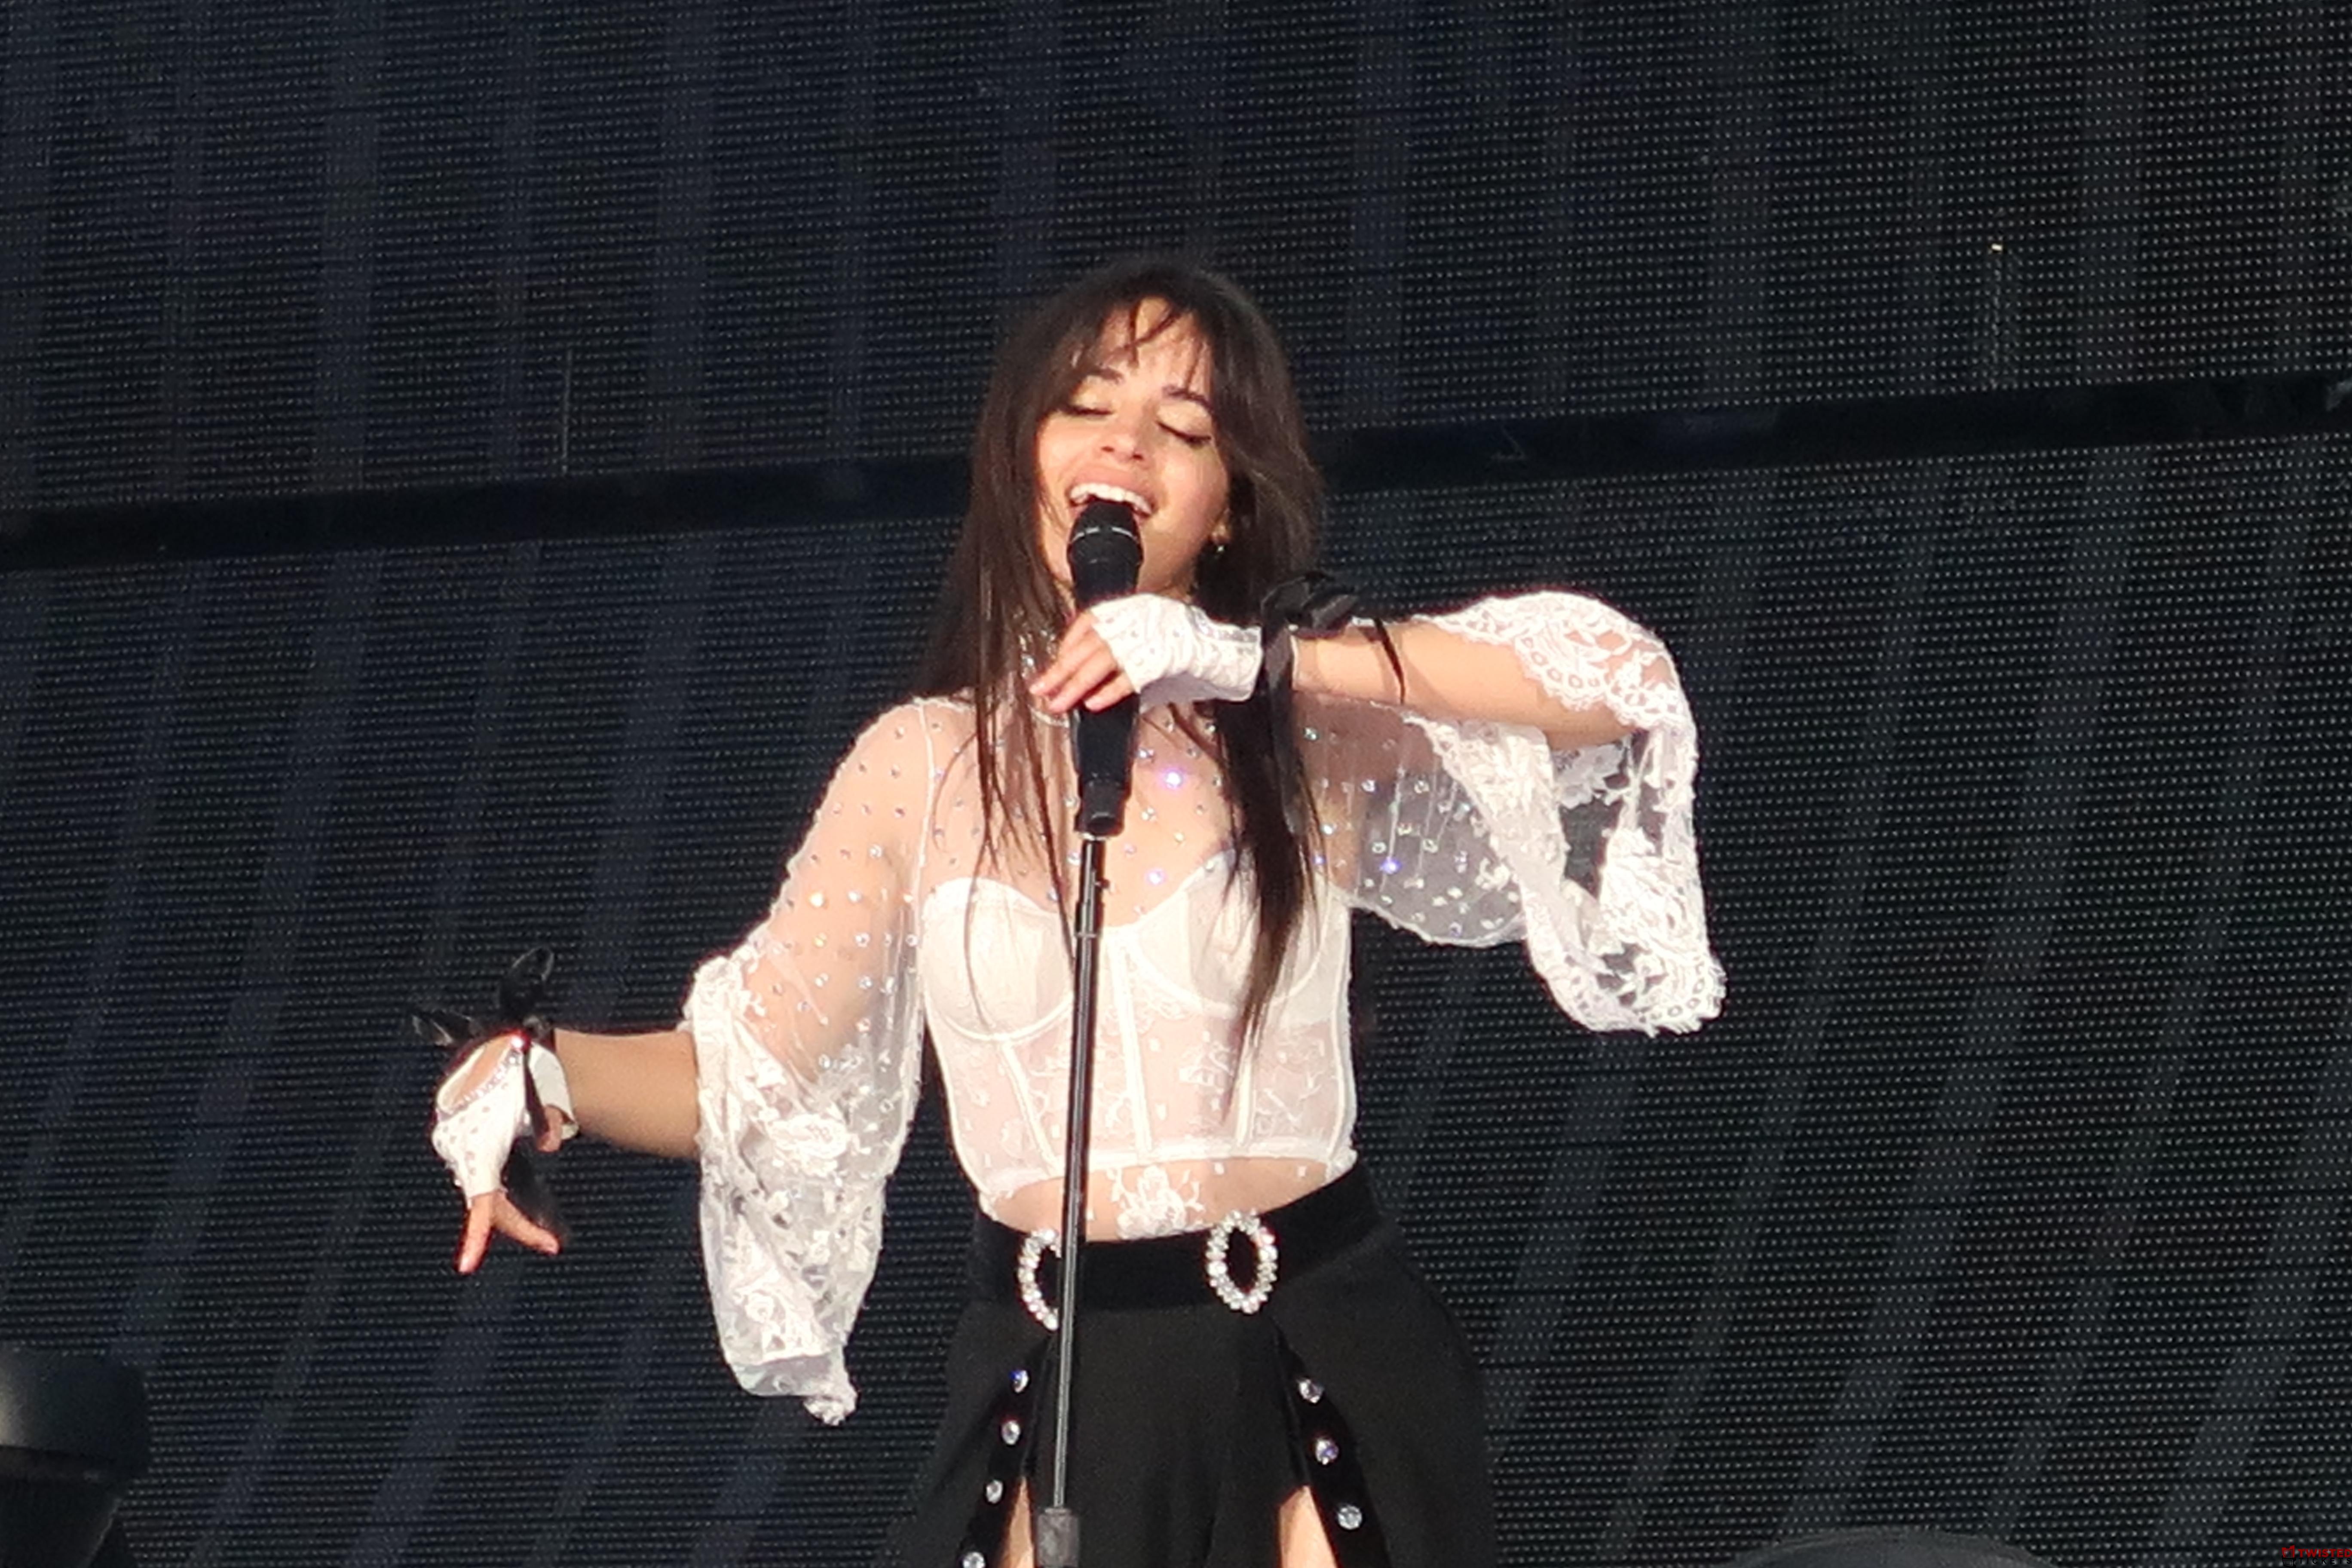 Camila Cabello concert photo